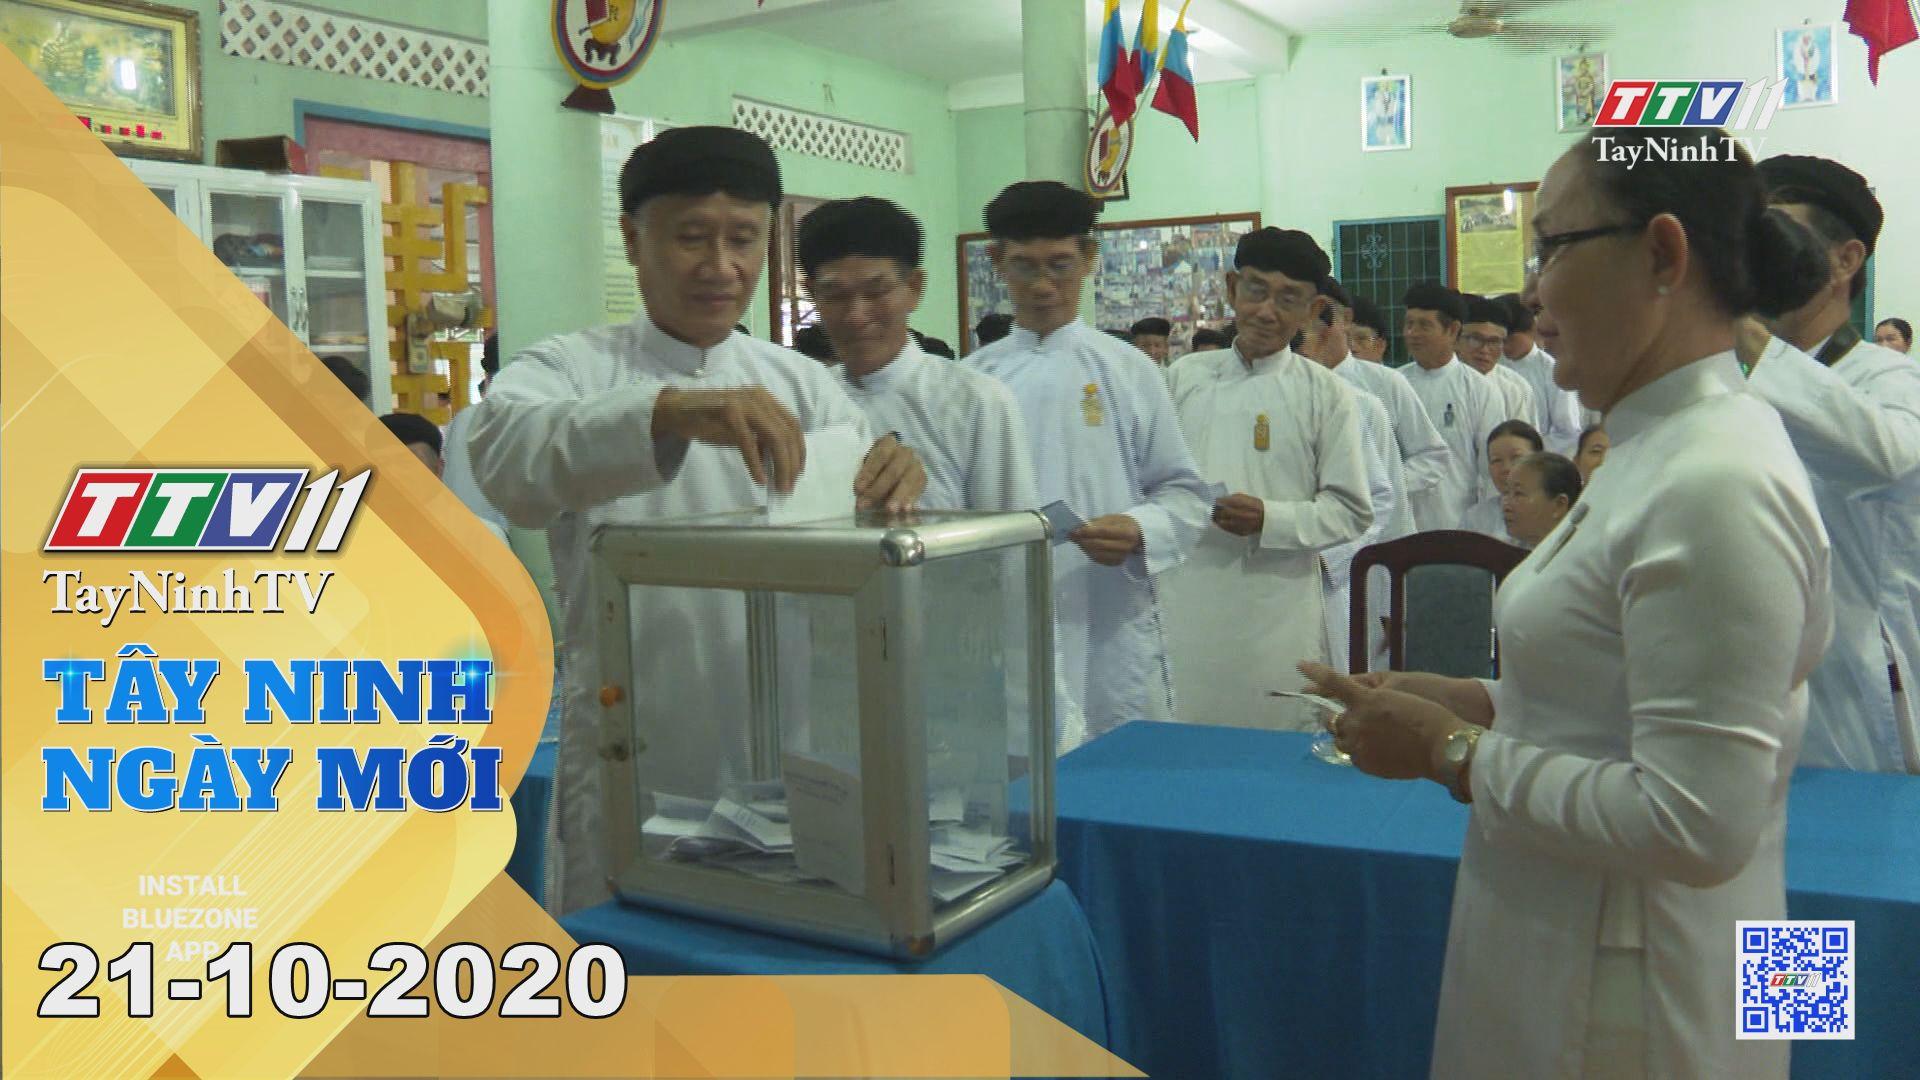 Tây Ninh Ngày Mới 21-10-2020 | Tin tức hôm nay | TayNinhTV